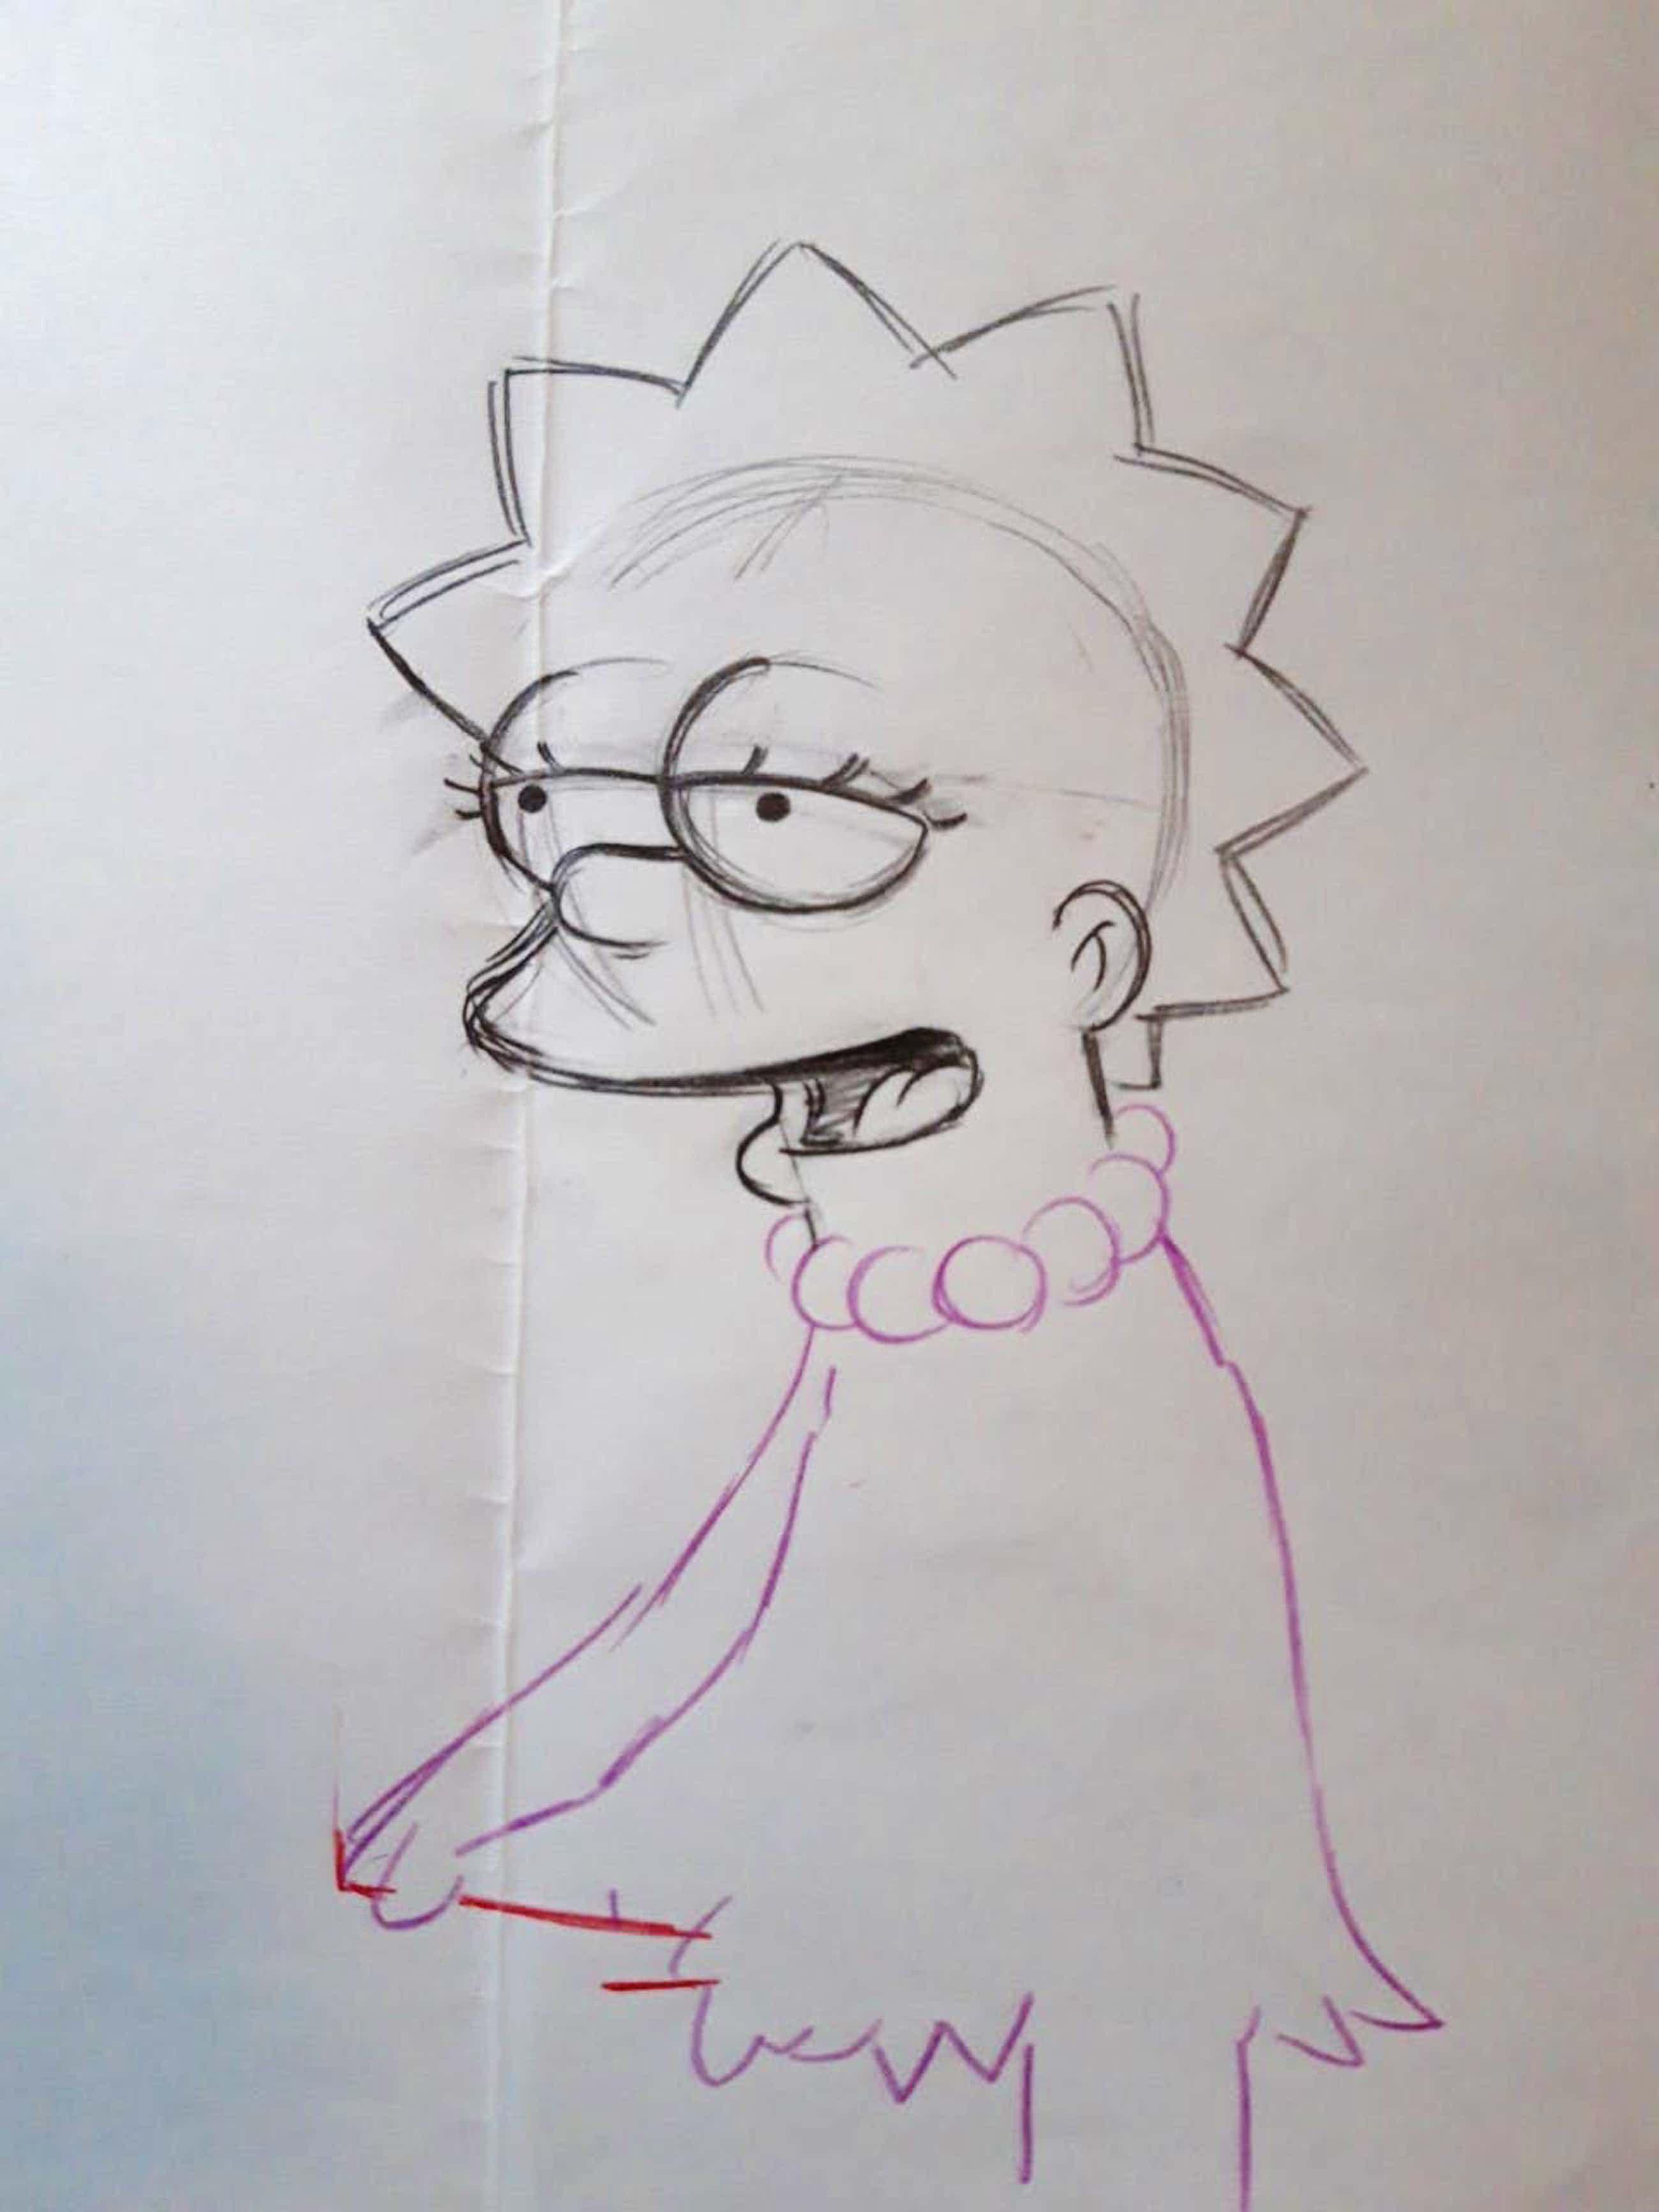 Matt Groening - originele productie tekening, The Simpsons, Lisa, ingelijst kopen? Bied vanaf 70!